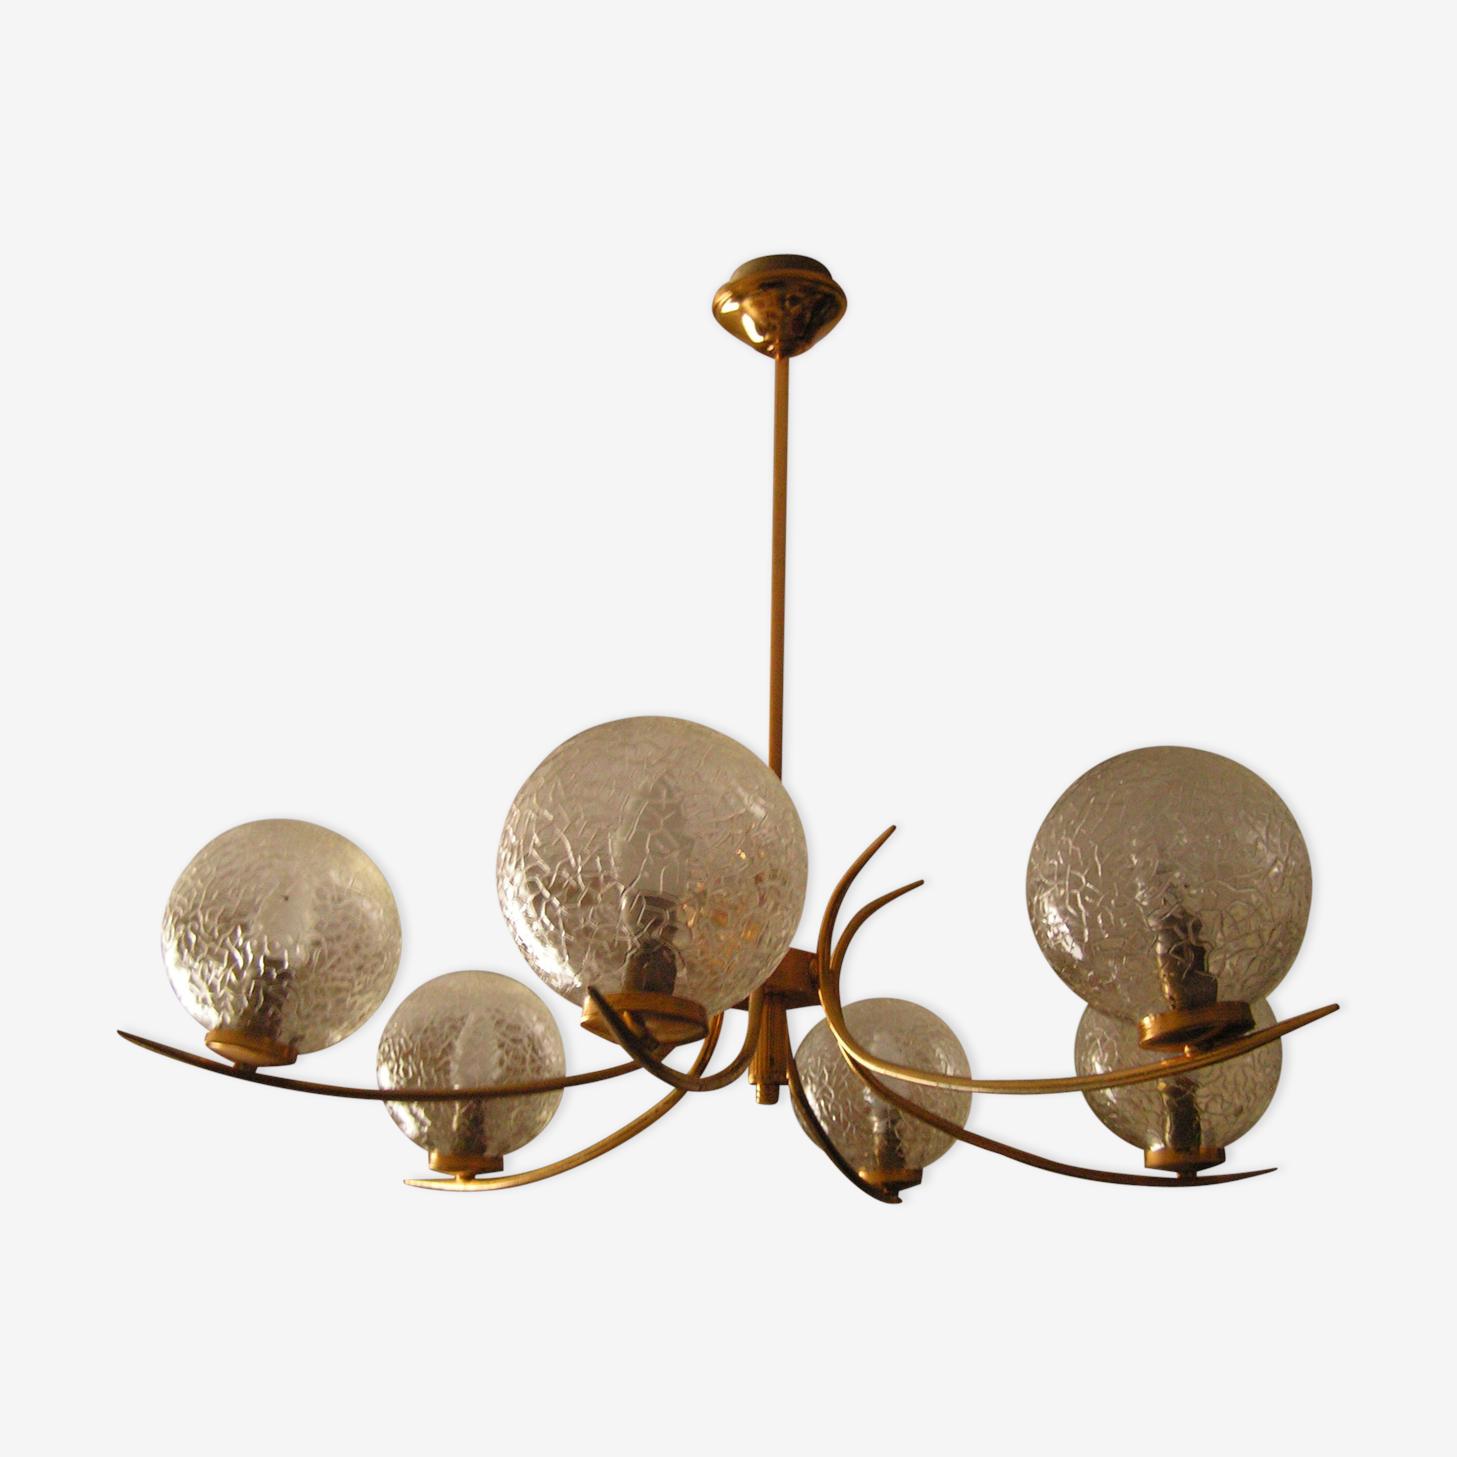 Chandelier 6 crackled glass globes